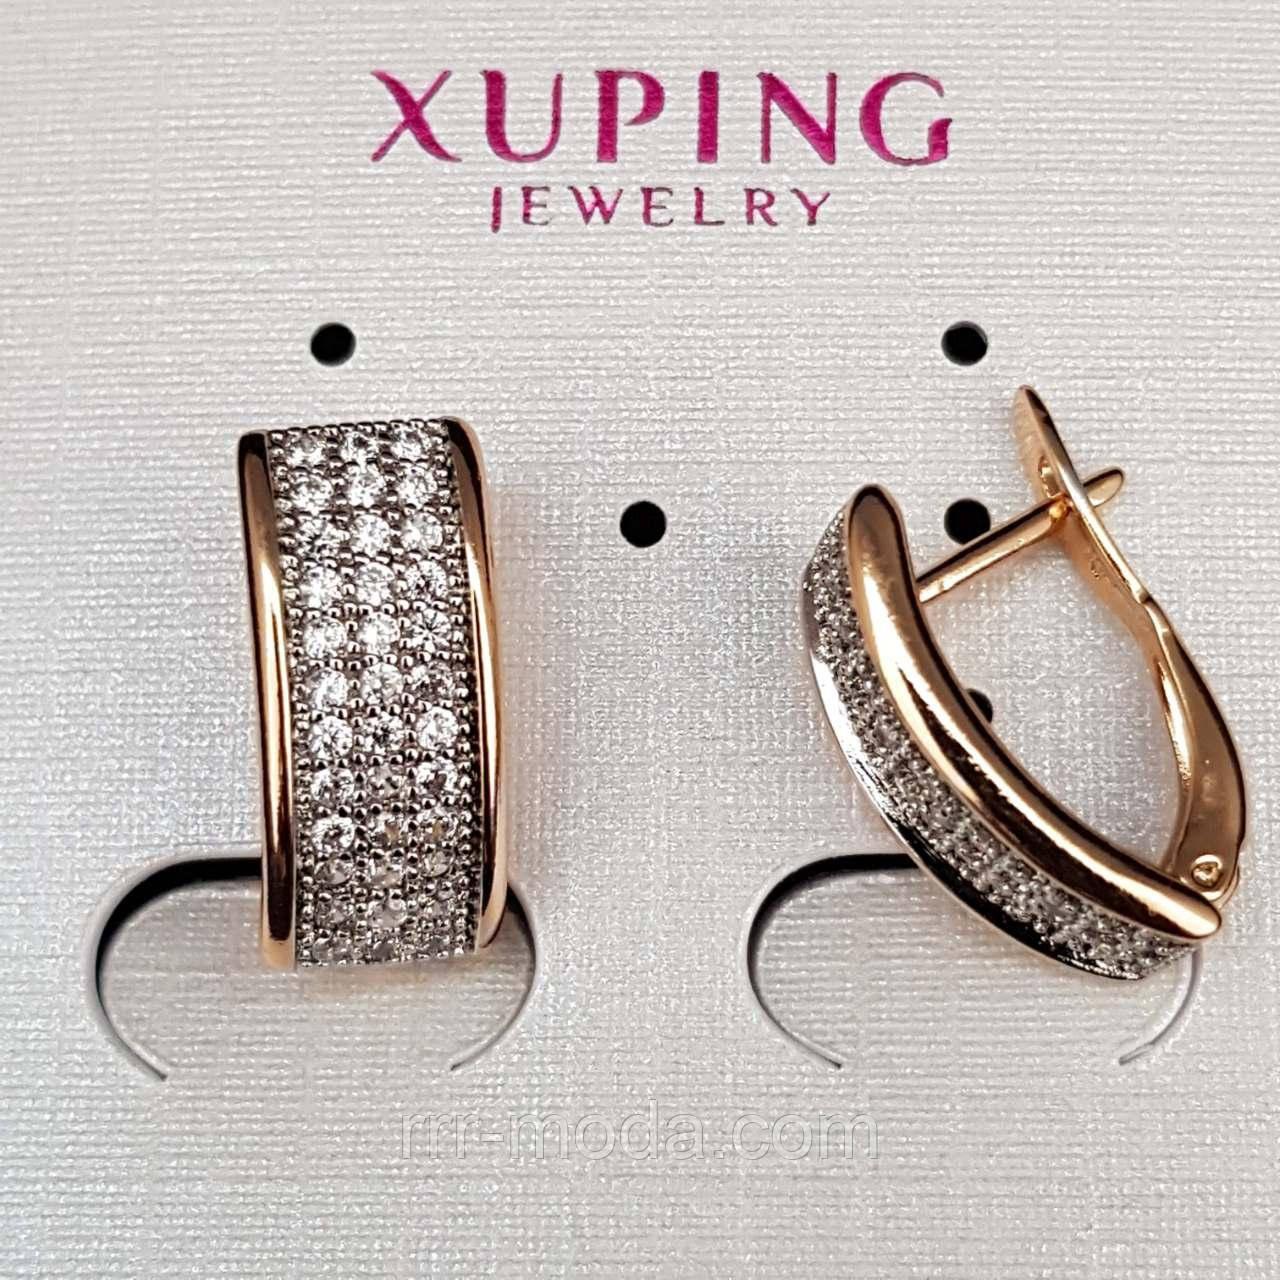 cb52404b2a01 634. Серьги кольца со стразами. Позолоченная бижутерия оптом из Китая.